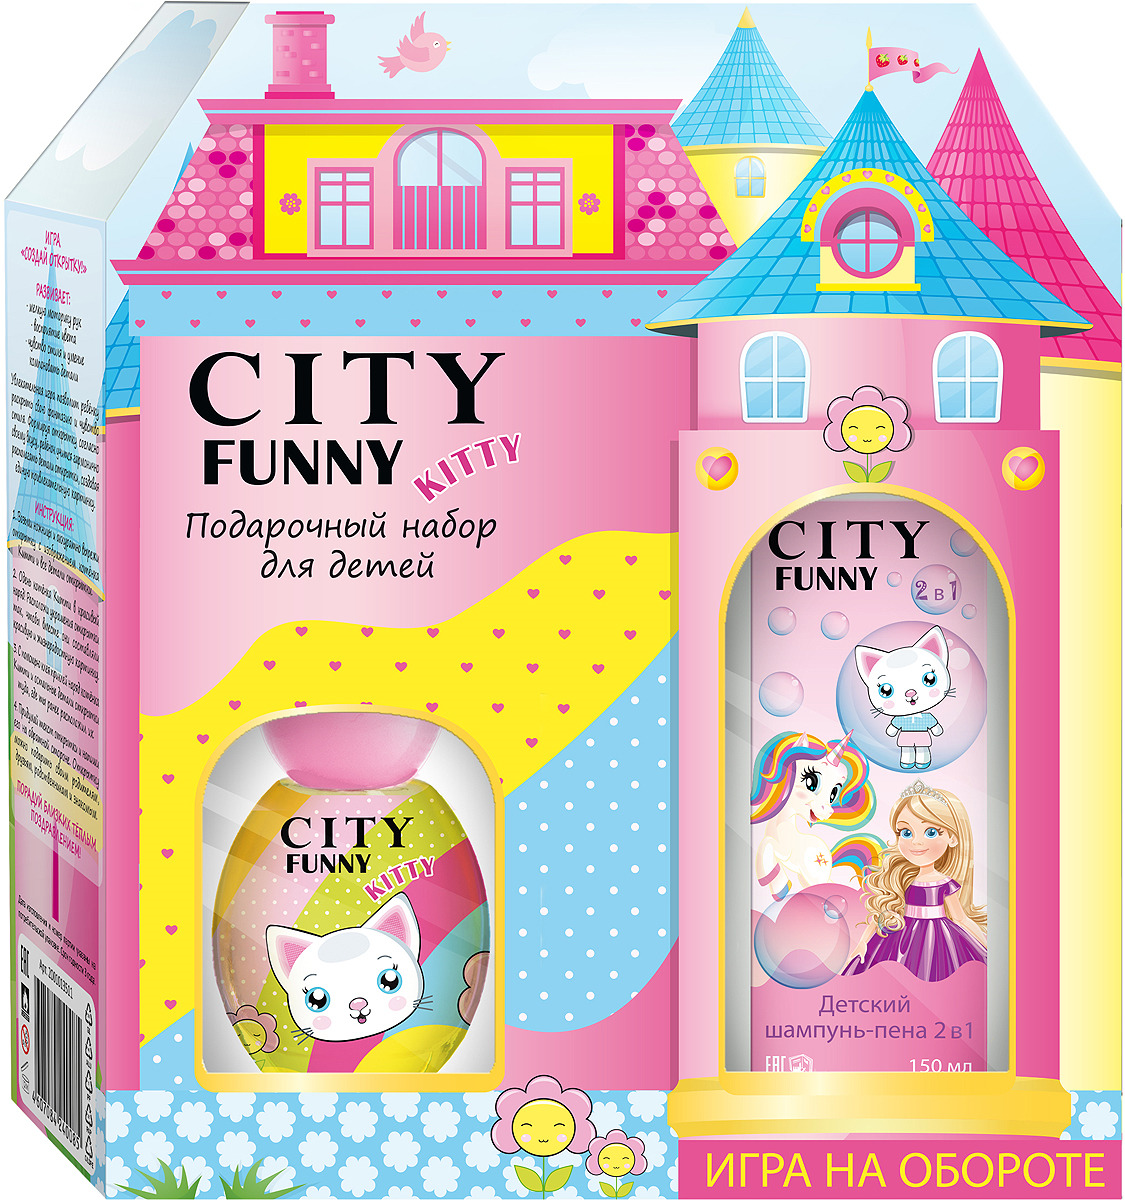 Парфюмерный набор City Funny Kitty: душистая вода, 30 мл, шампунь-пена 2 в 1, 150 мл цена